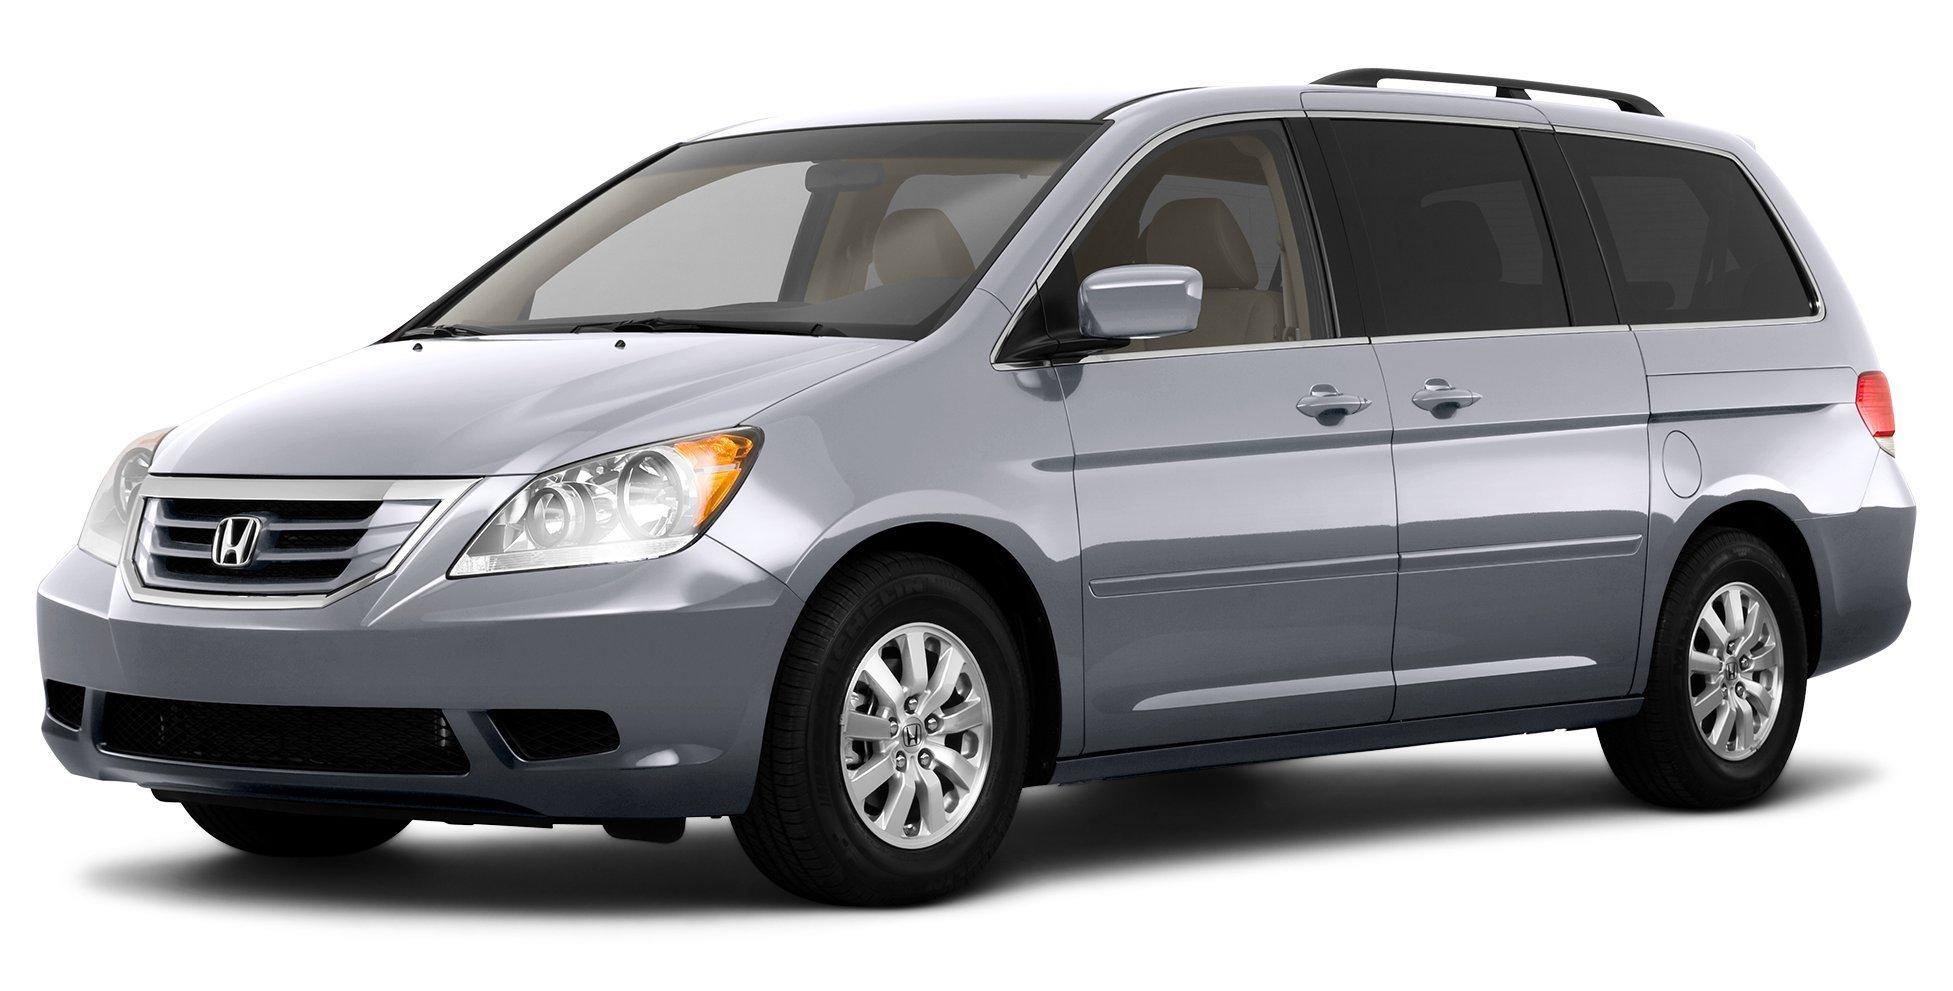 Amazon.com: 2010 Honda Odyssey EX Reviews, Images, and ...